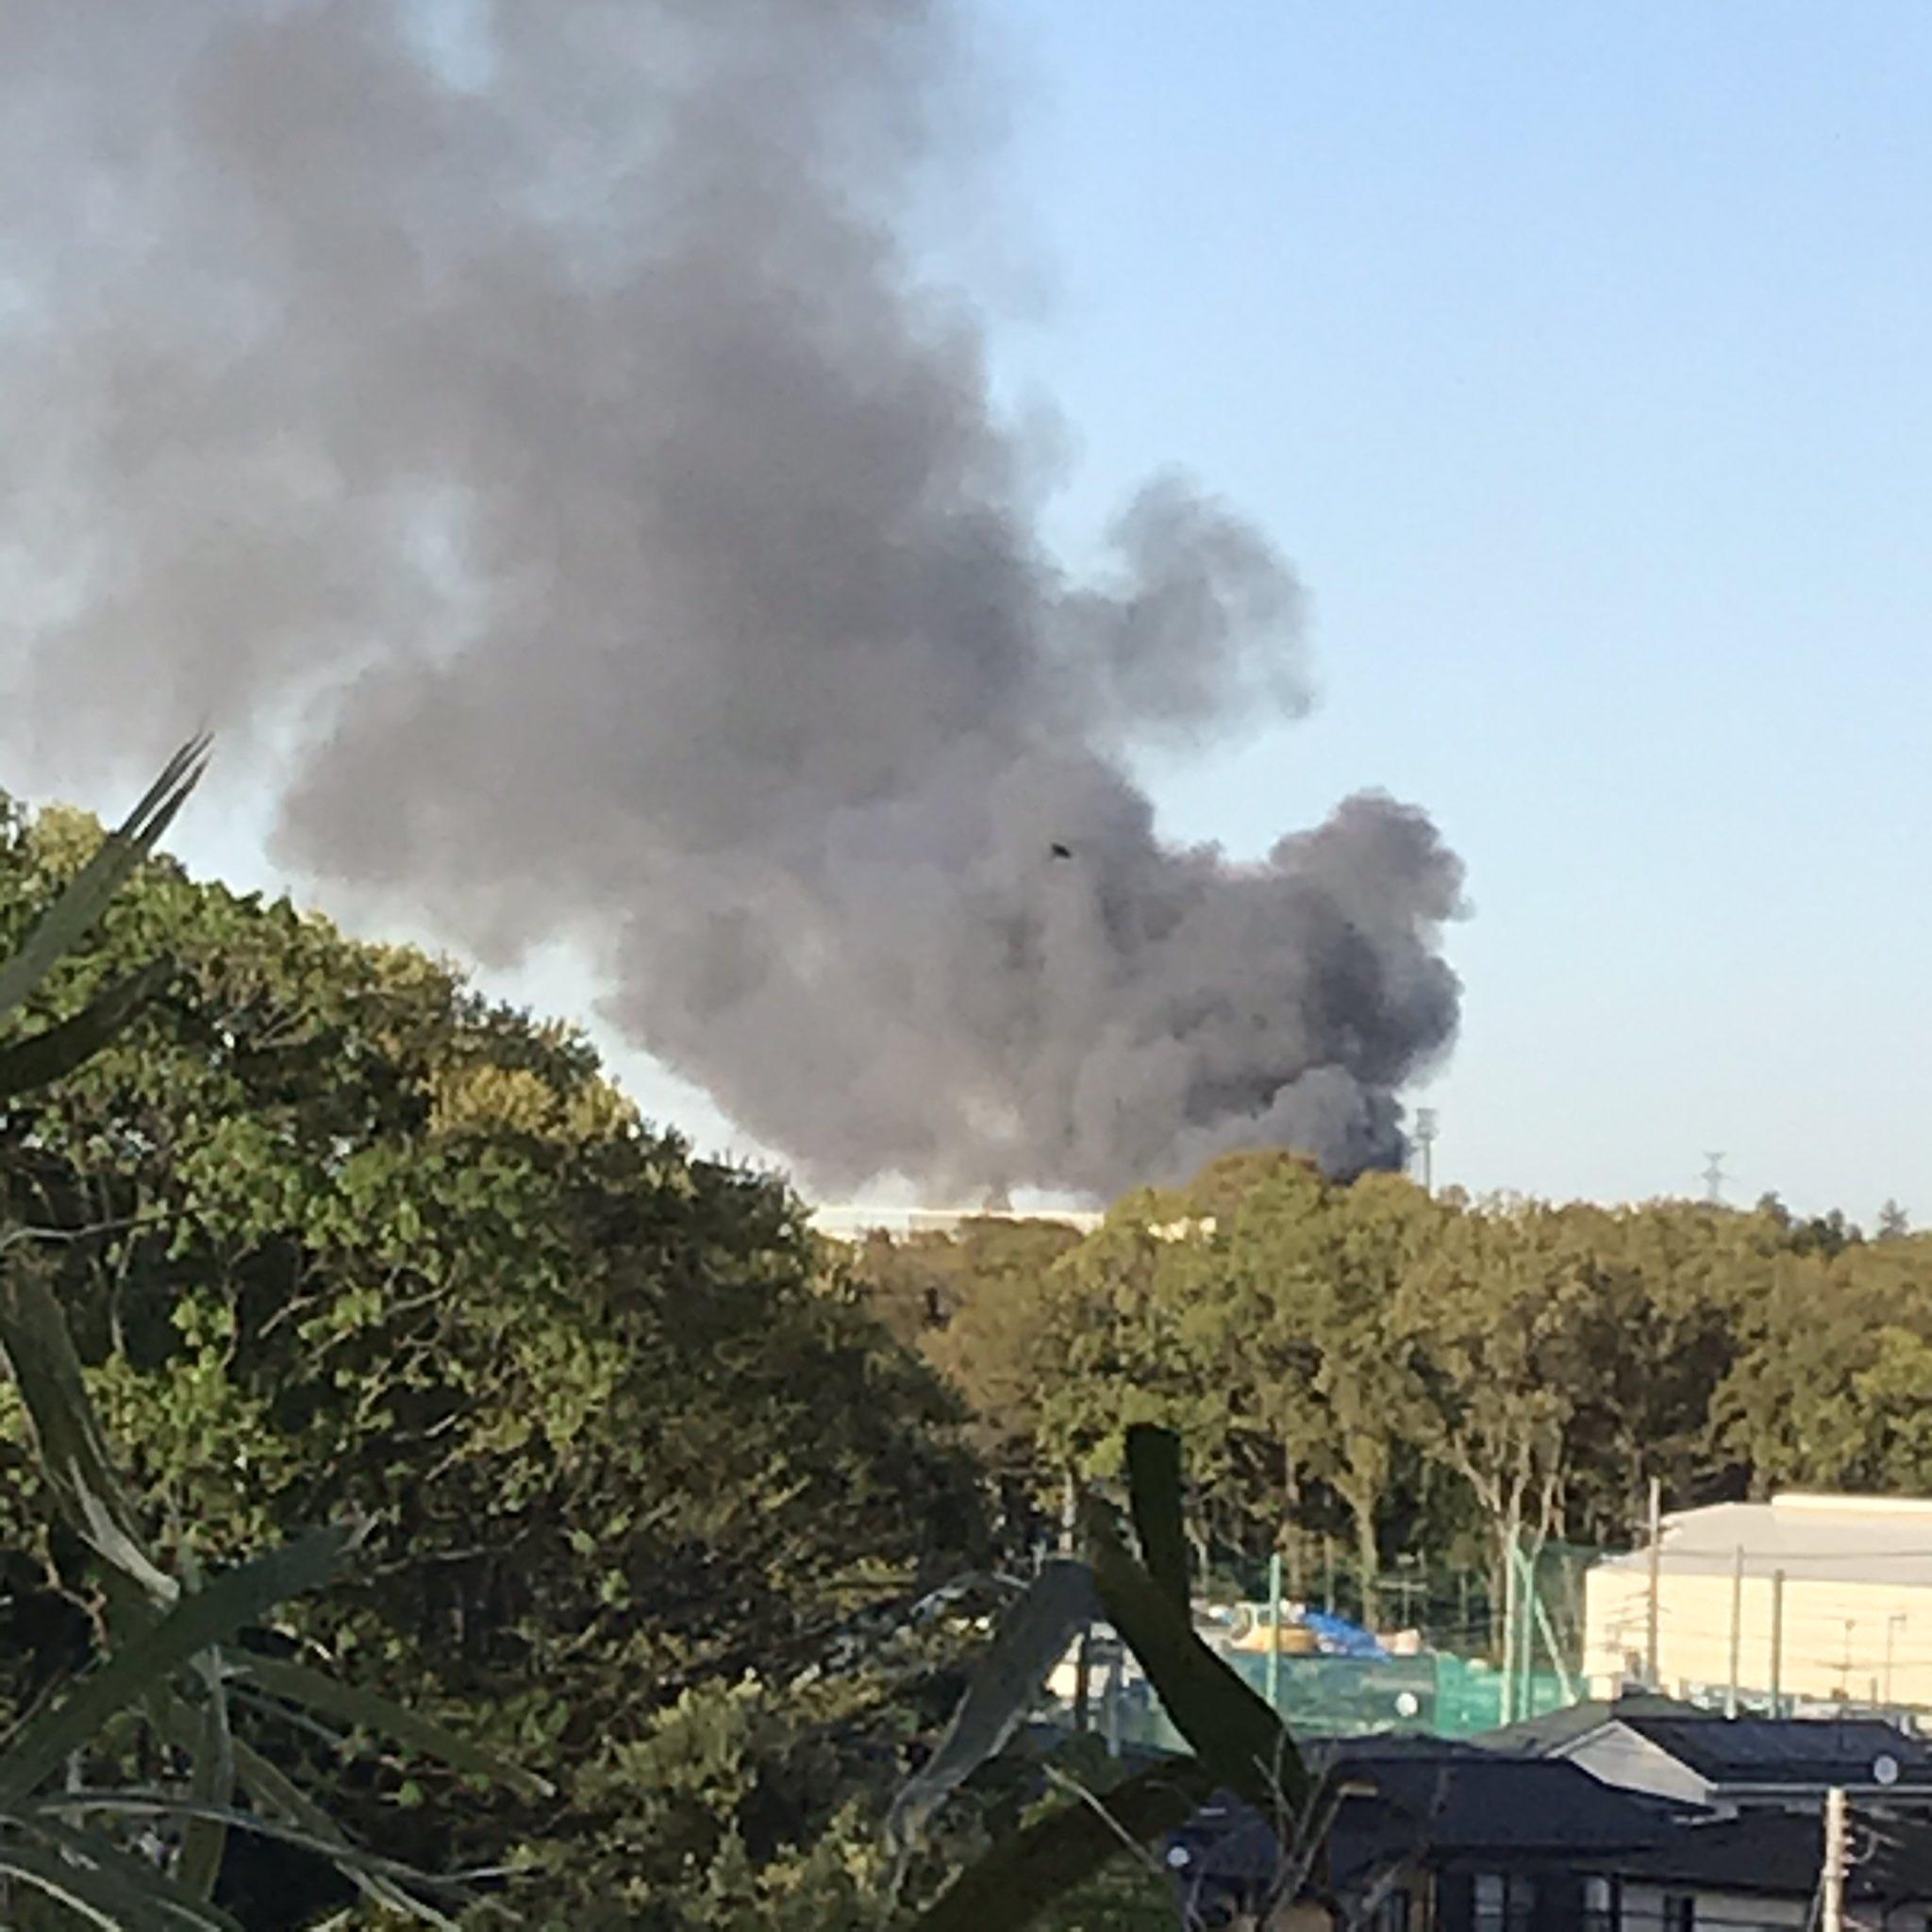 横浜市瀬谷区の資材置き場の火災現場から黒煙が立ち上っている画像